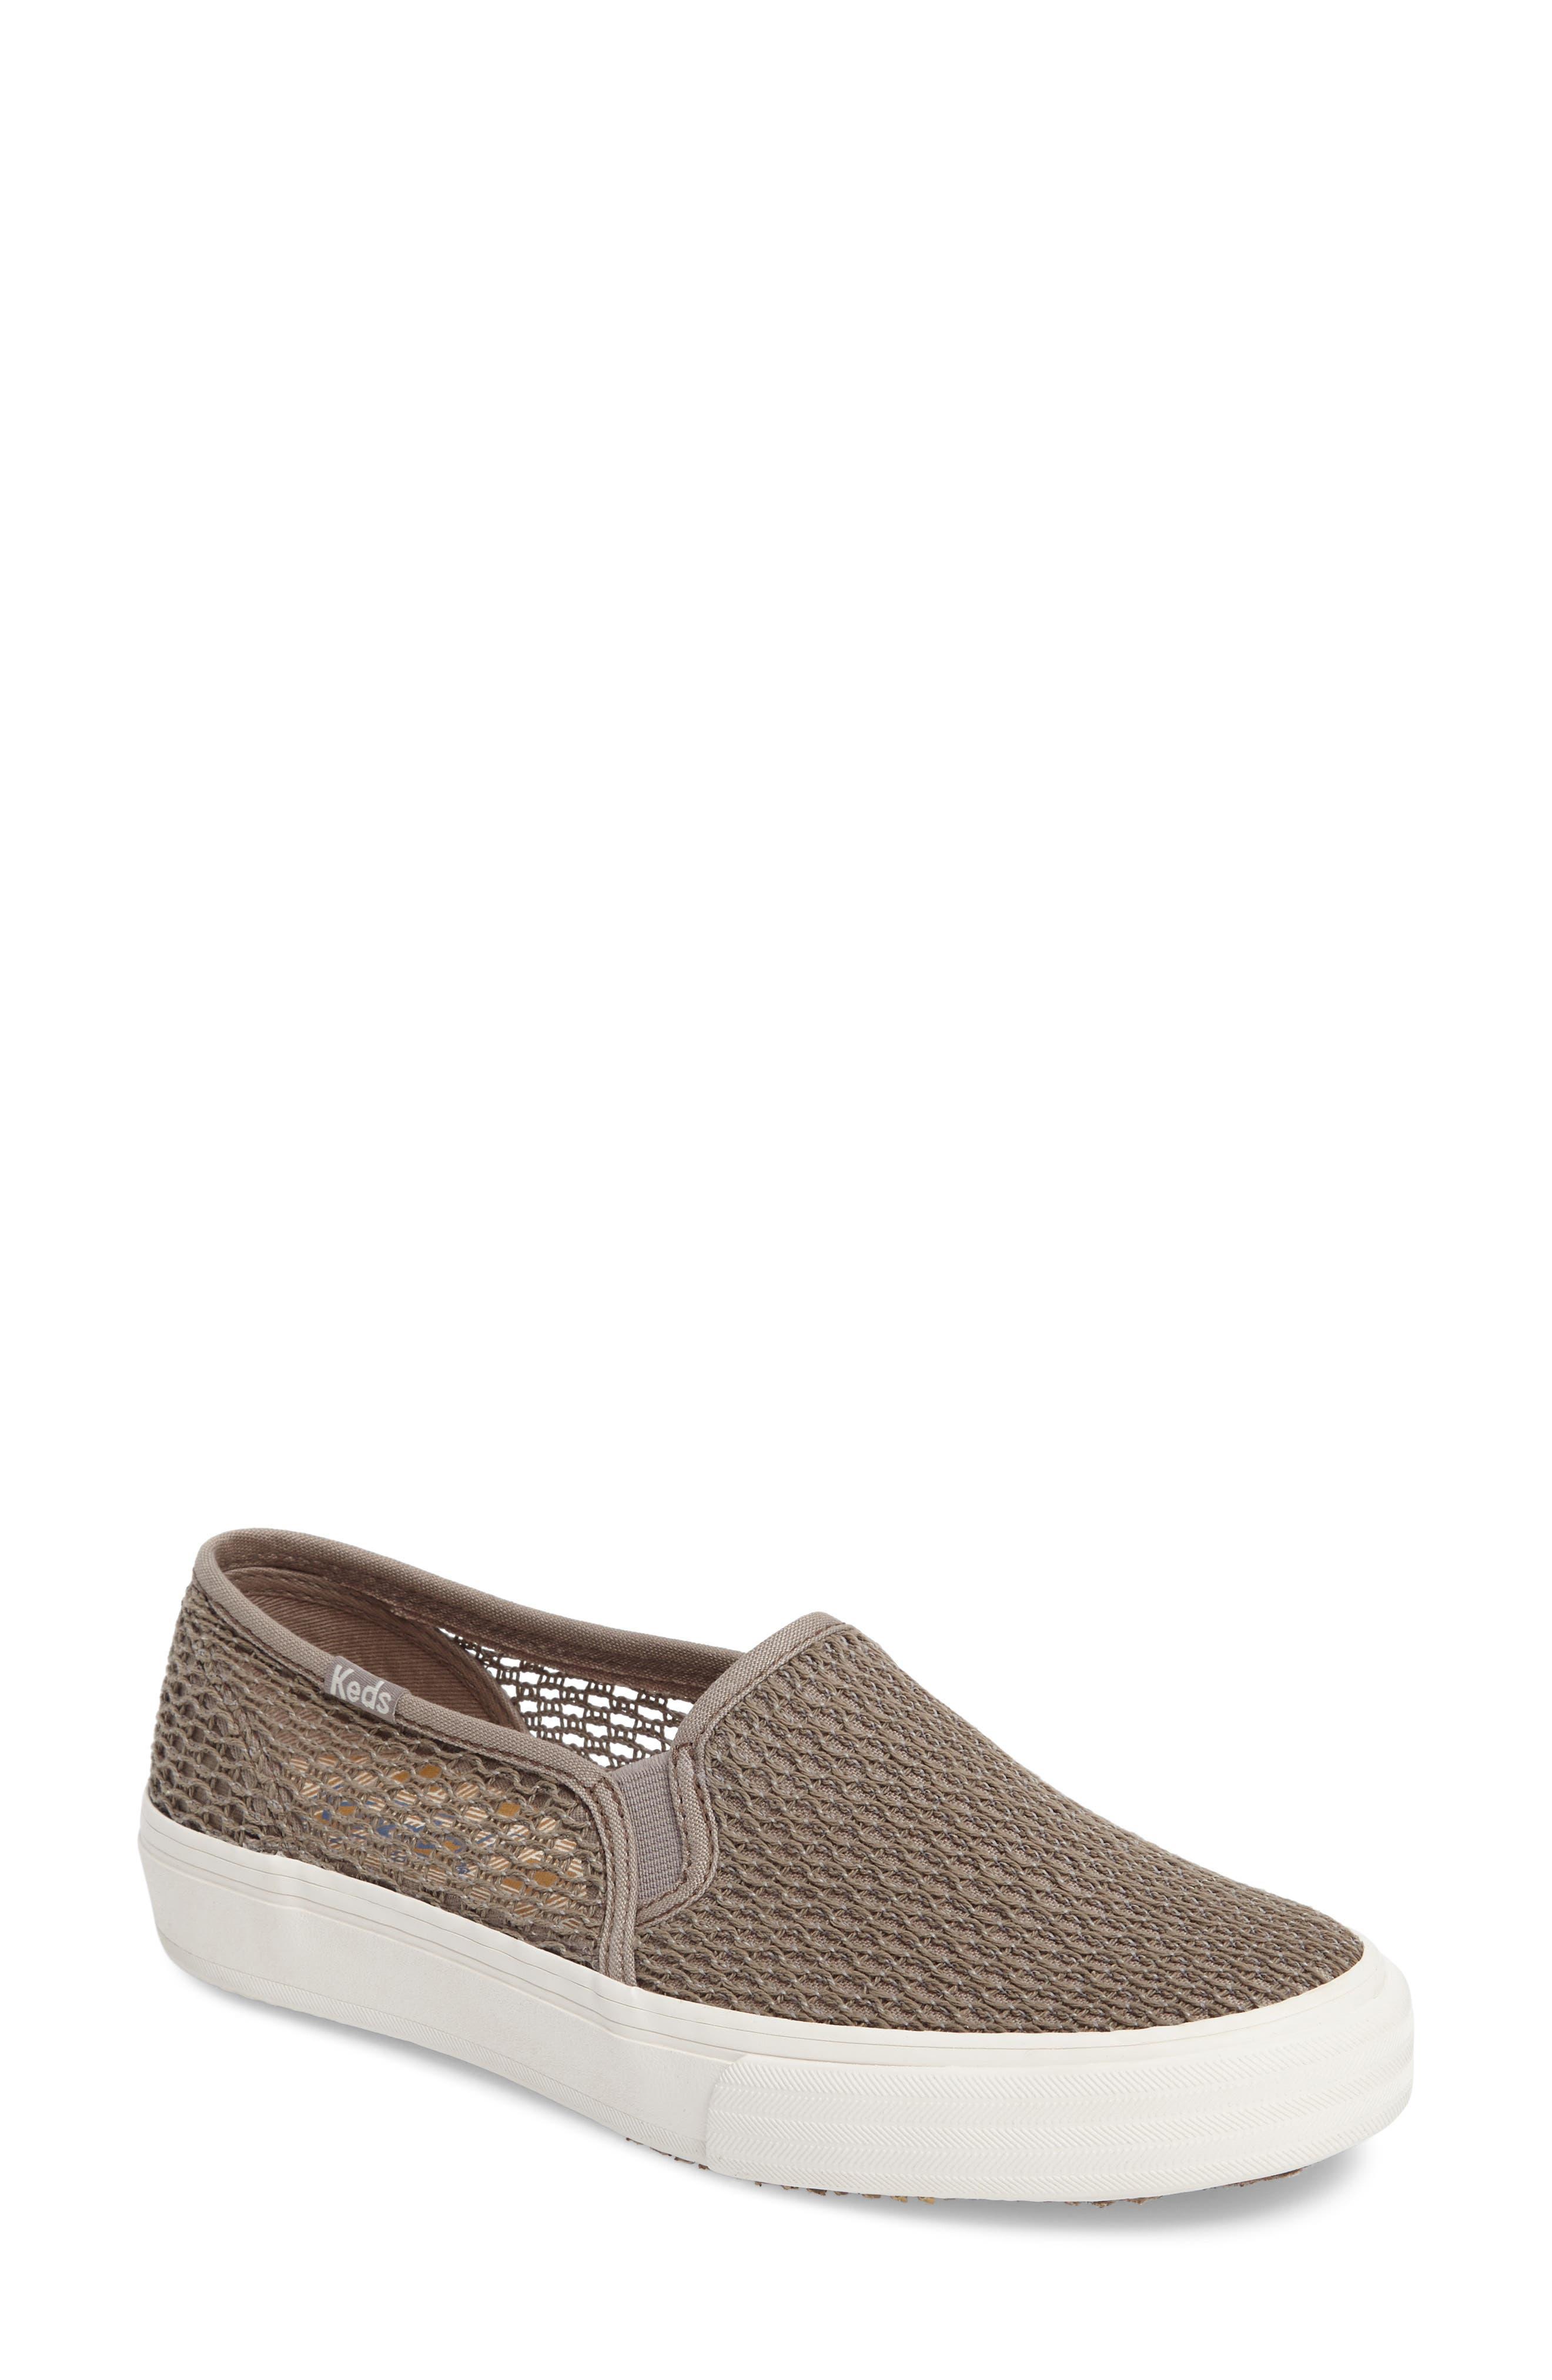 Keds® Double Decker Crochet Slip-On Sneaker (Women)